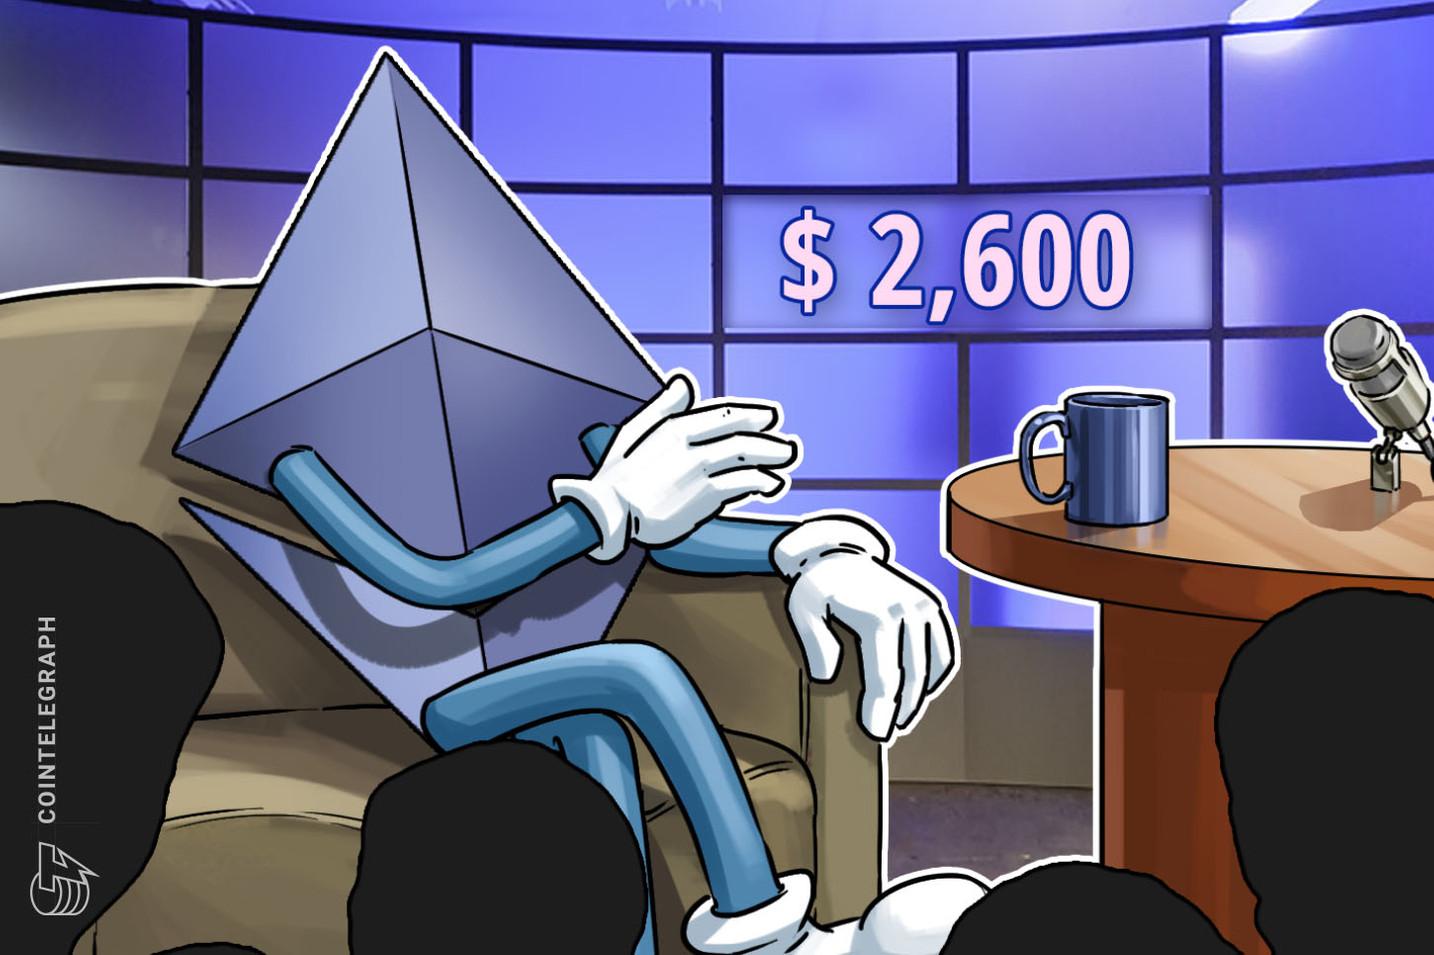 El rebote del precio de Ethereum hasta los USD 2,600 no consigue entusiasmar a los traders profesionales para que sean neutrales o bajistas